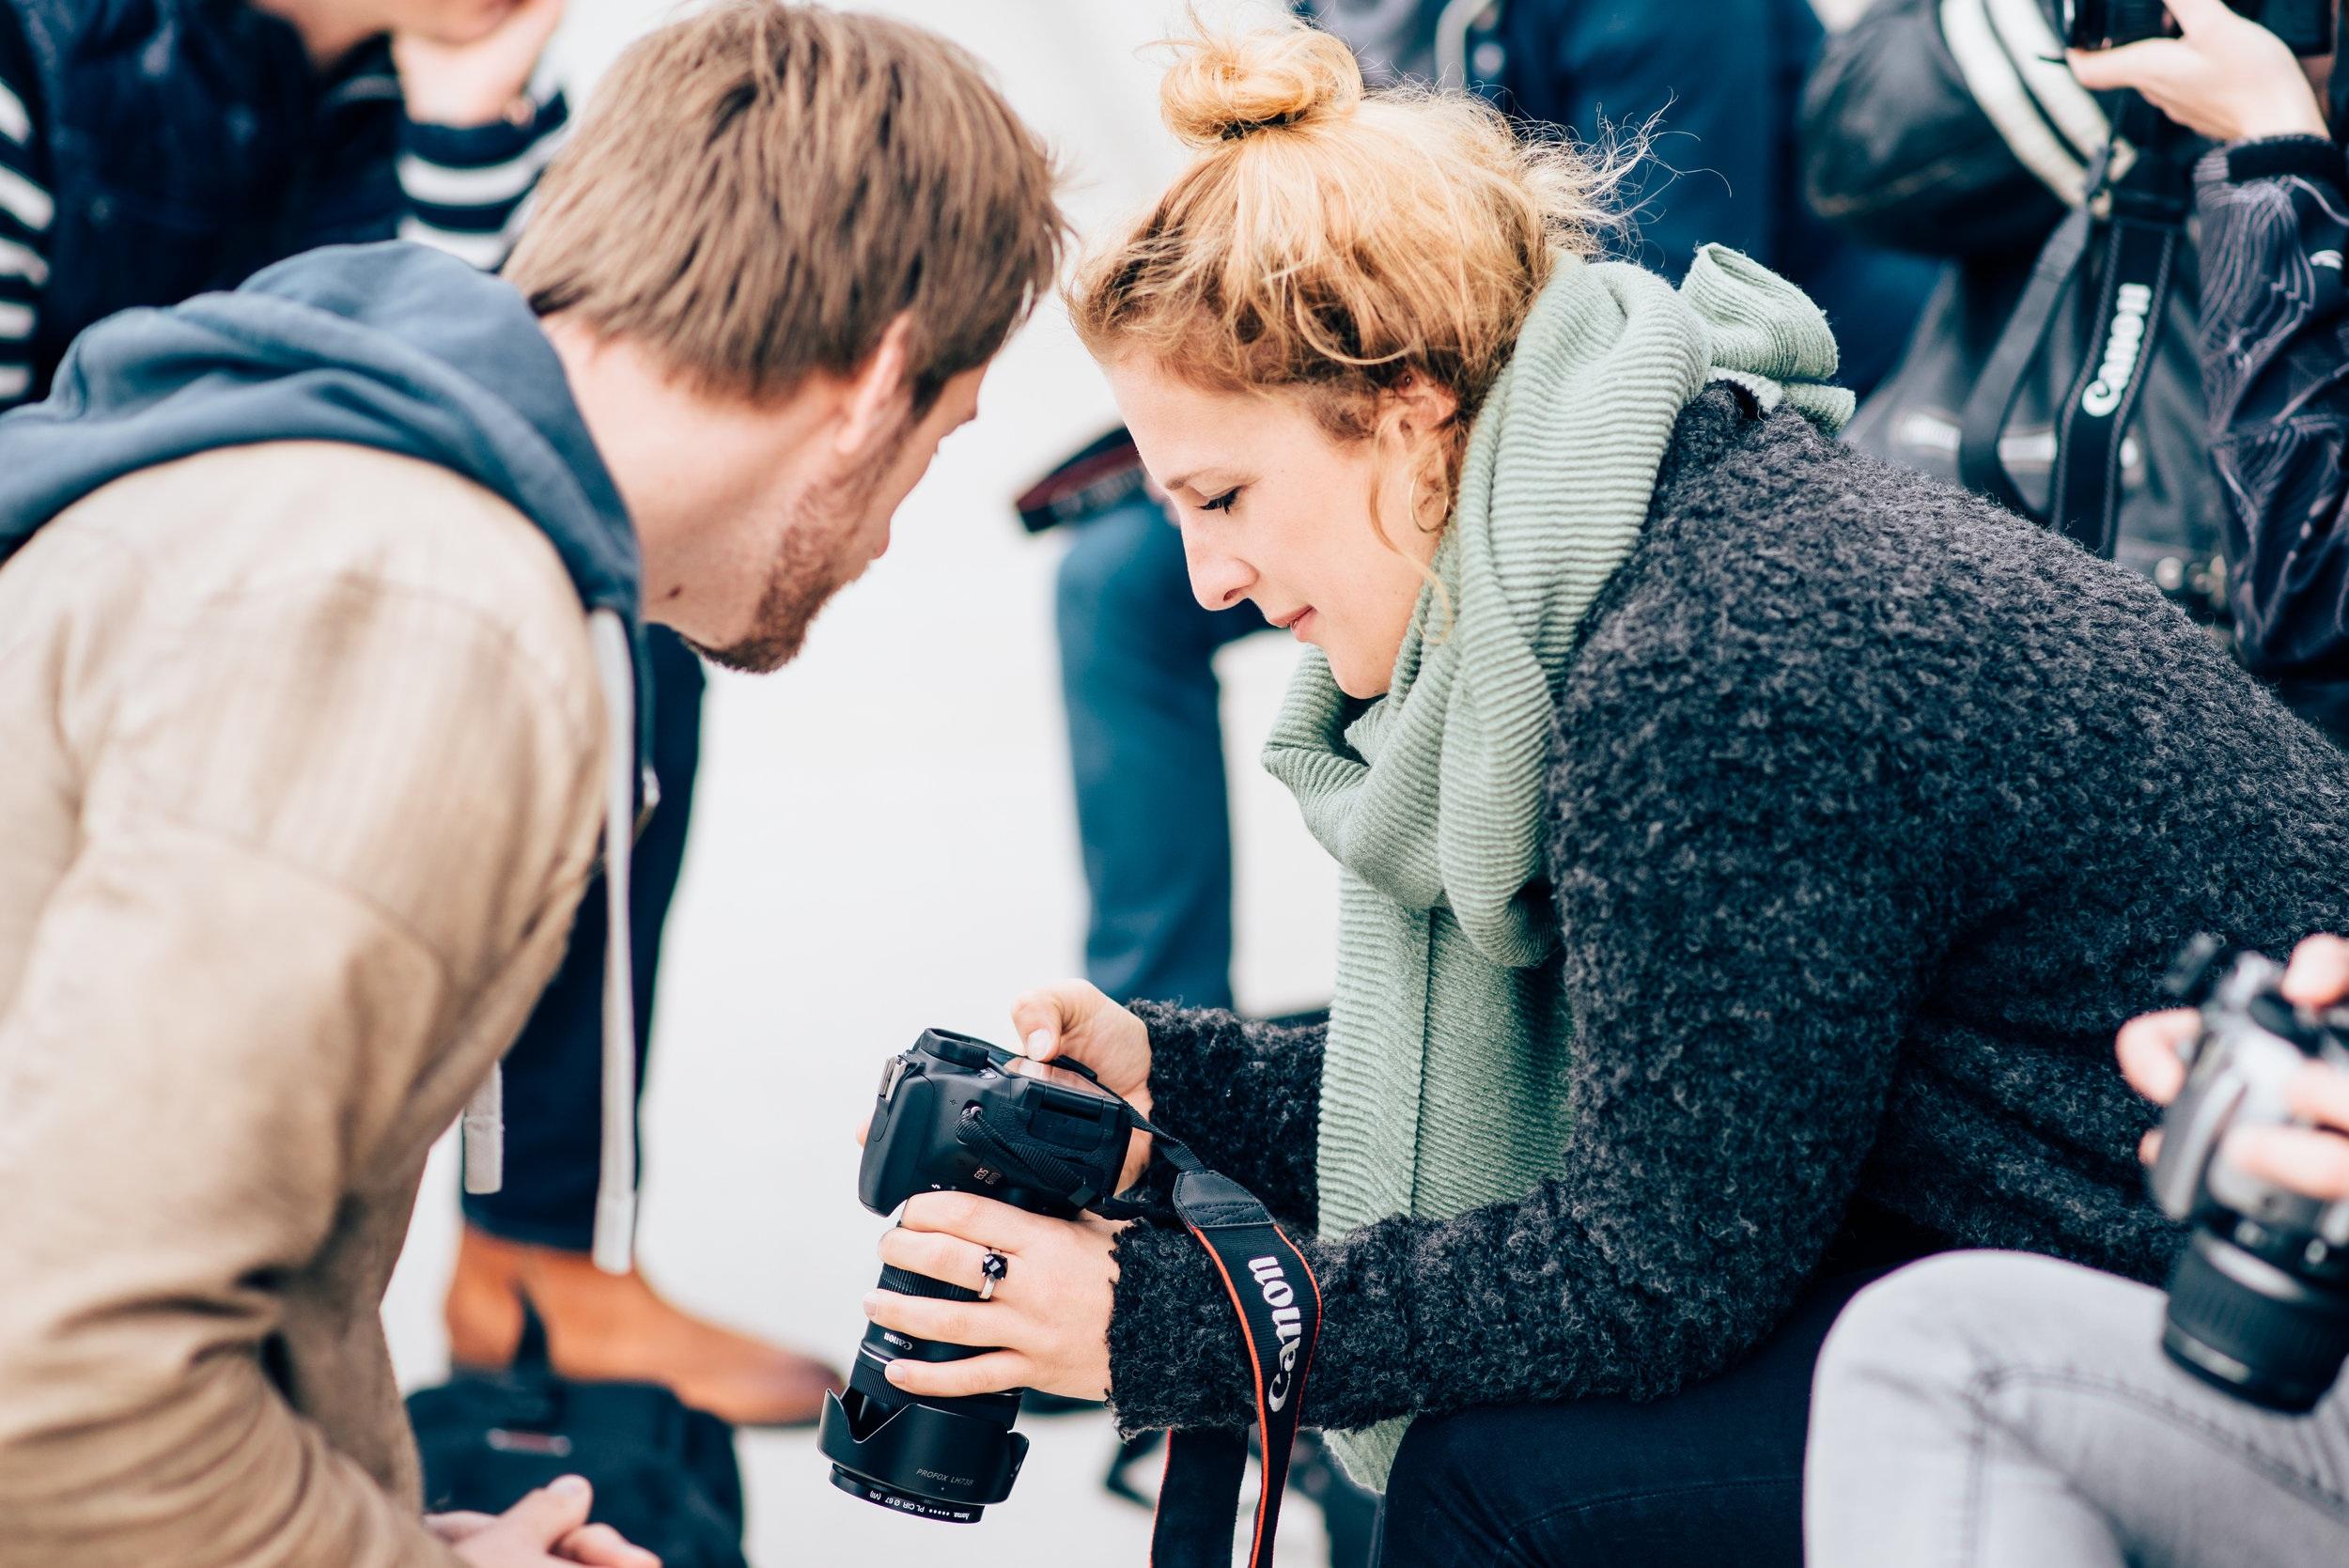 David erklärt einer Teilnehmerin die Einstellungen ihrer Kamera